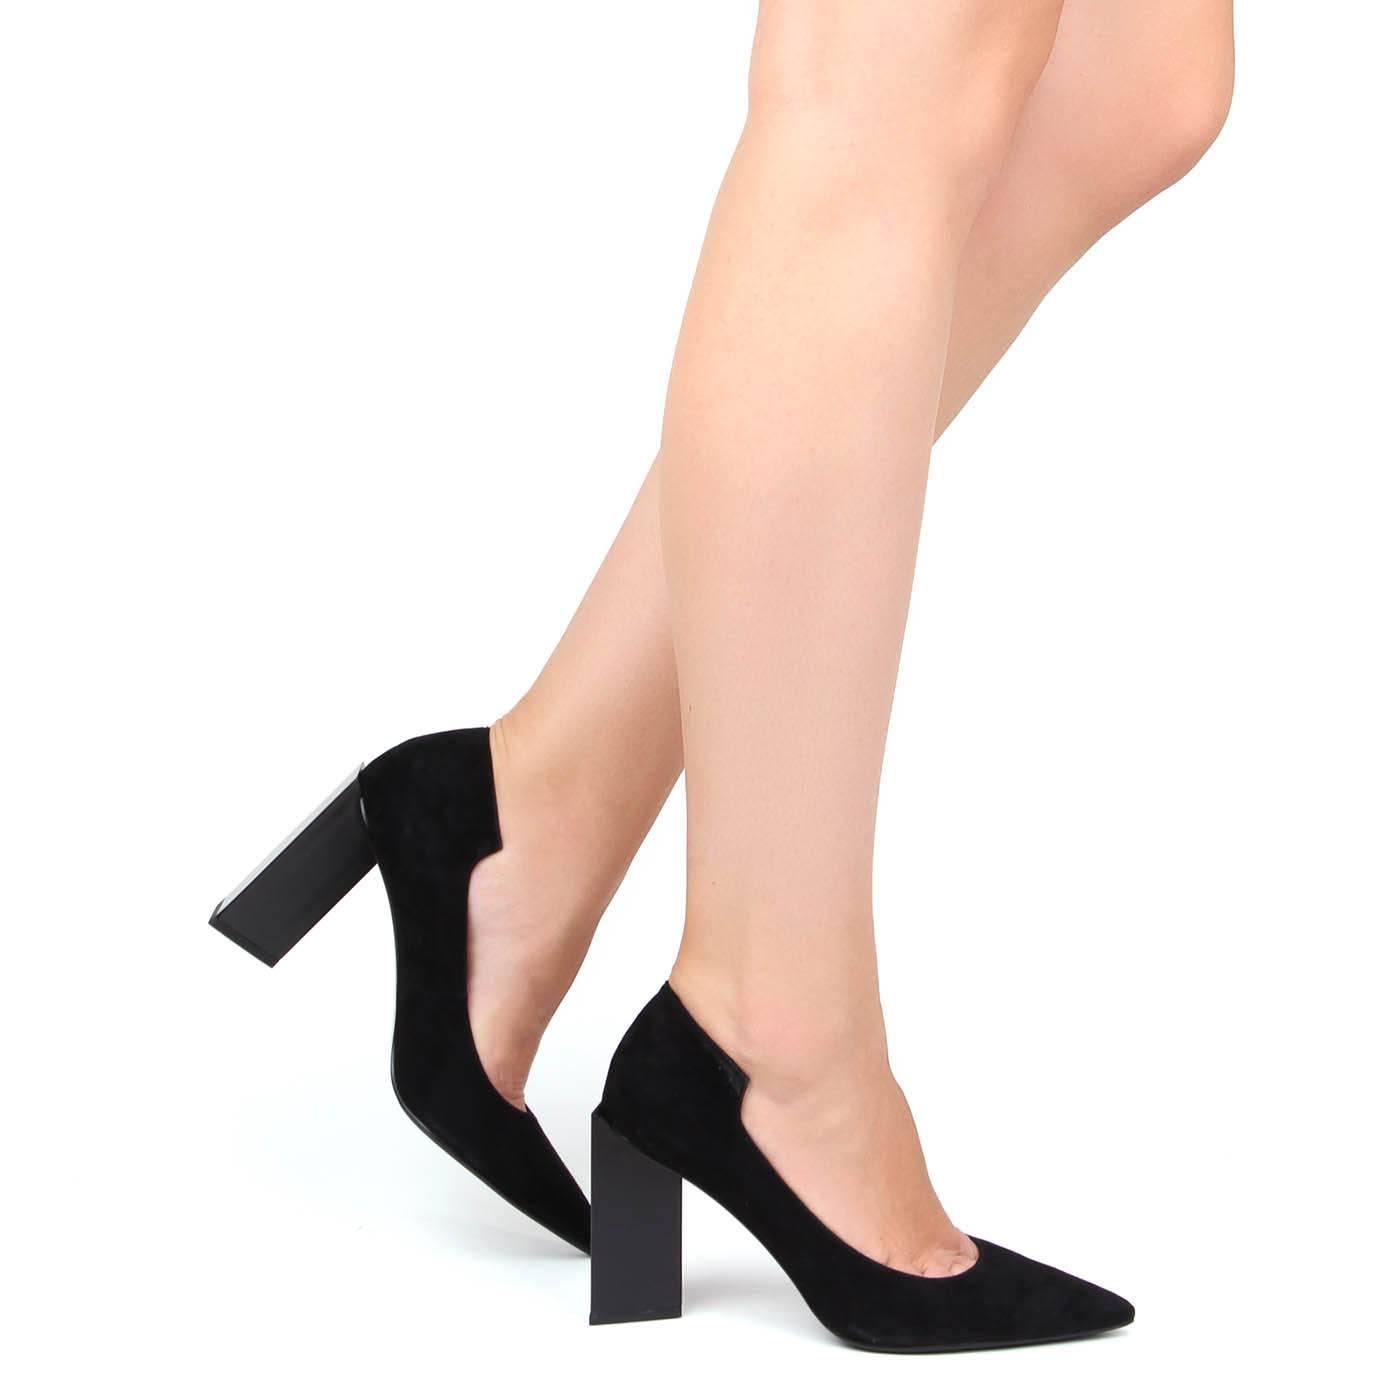 Туфлі жіночі ditto 6961 Чорний купить по выгодной цене в интернет ... 0cf992af5c3da